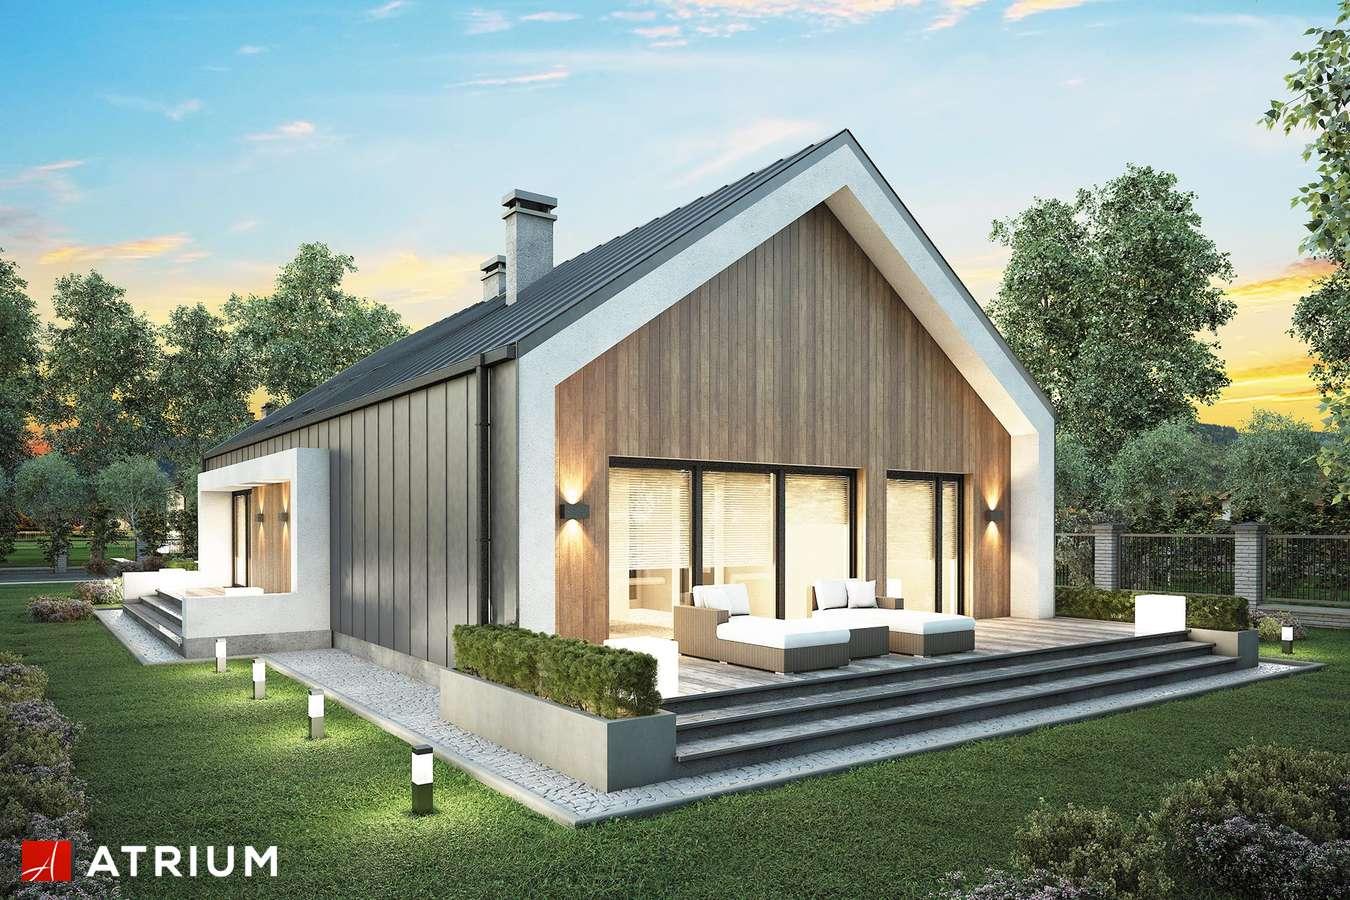 Projekty domów - Projekt domu parterowego LORENZO - wizualizacja 2 - wersja lustrzana